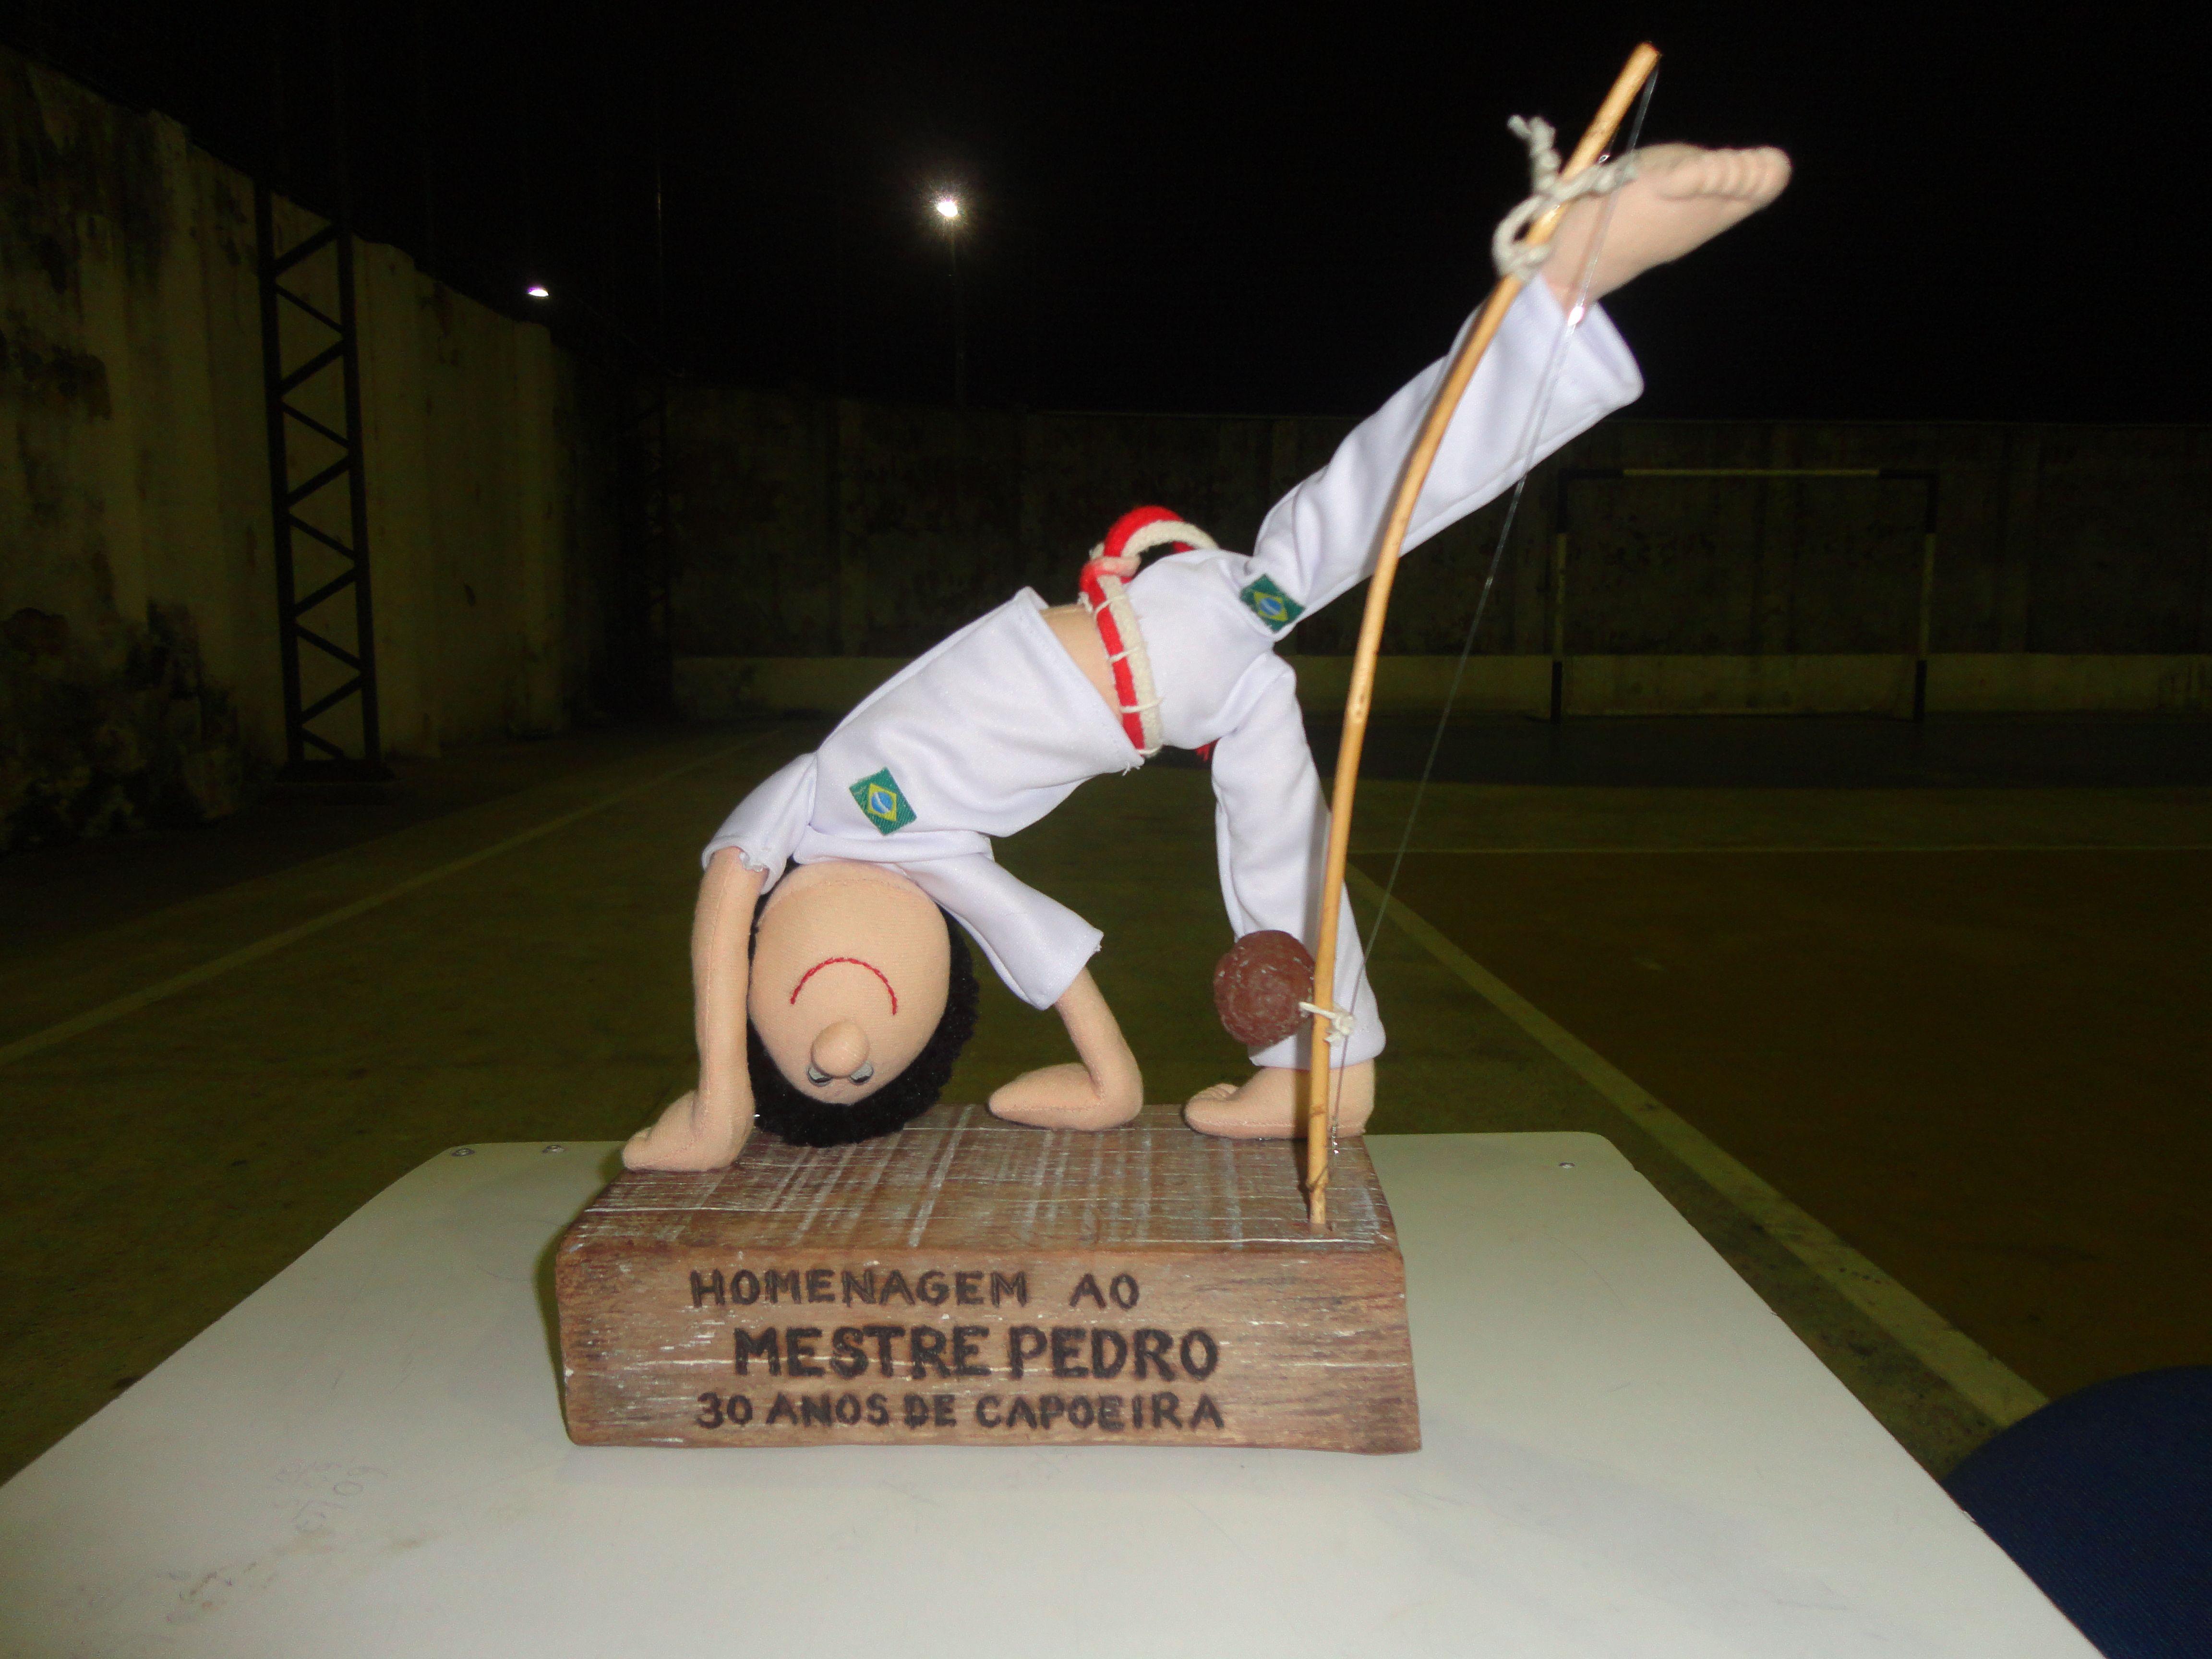 Boneco, feito por mim, para homenagear o meu mestre de capoeira, Mestre Pedro Alves Vieira Filho - Fundador e Presidente da Fundação Arte Brasil Capoeira -FABRAC.